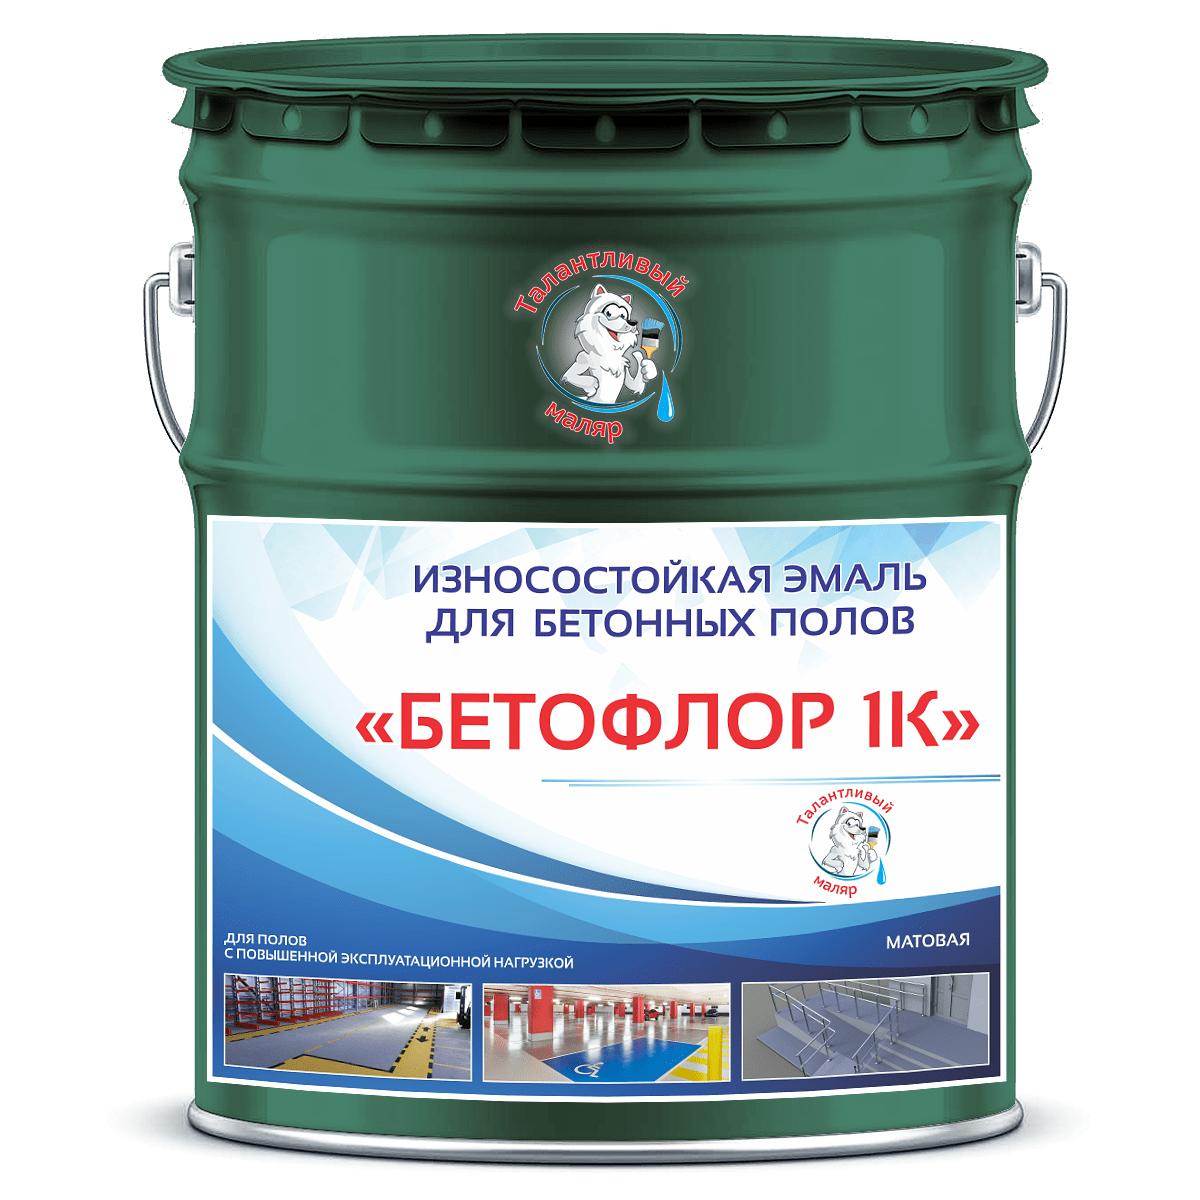 """Фото 5 - BF6004 Эмаль для бетонных полов """"Бетофлор"""" 1К цвет RAL 6004 Сине-зеленый, матовая износостойкая, 25 кг """"Талантливый Маляр""""."""